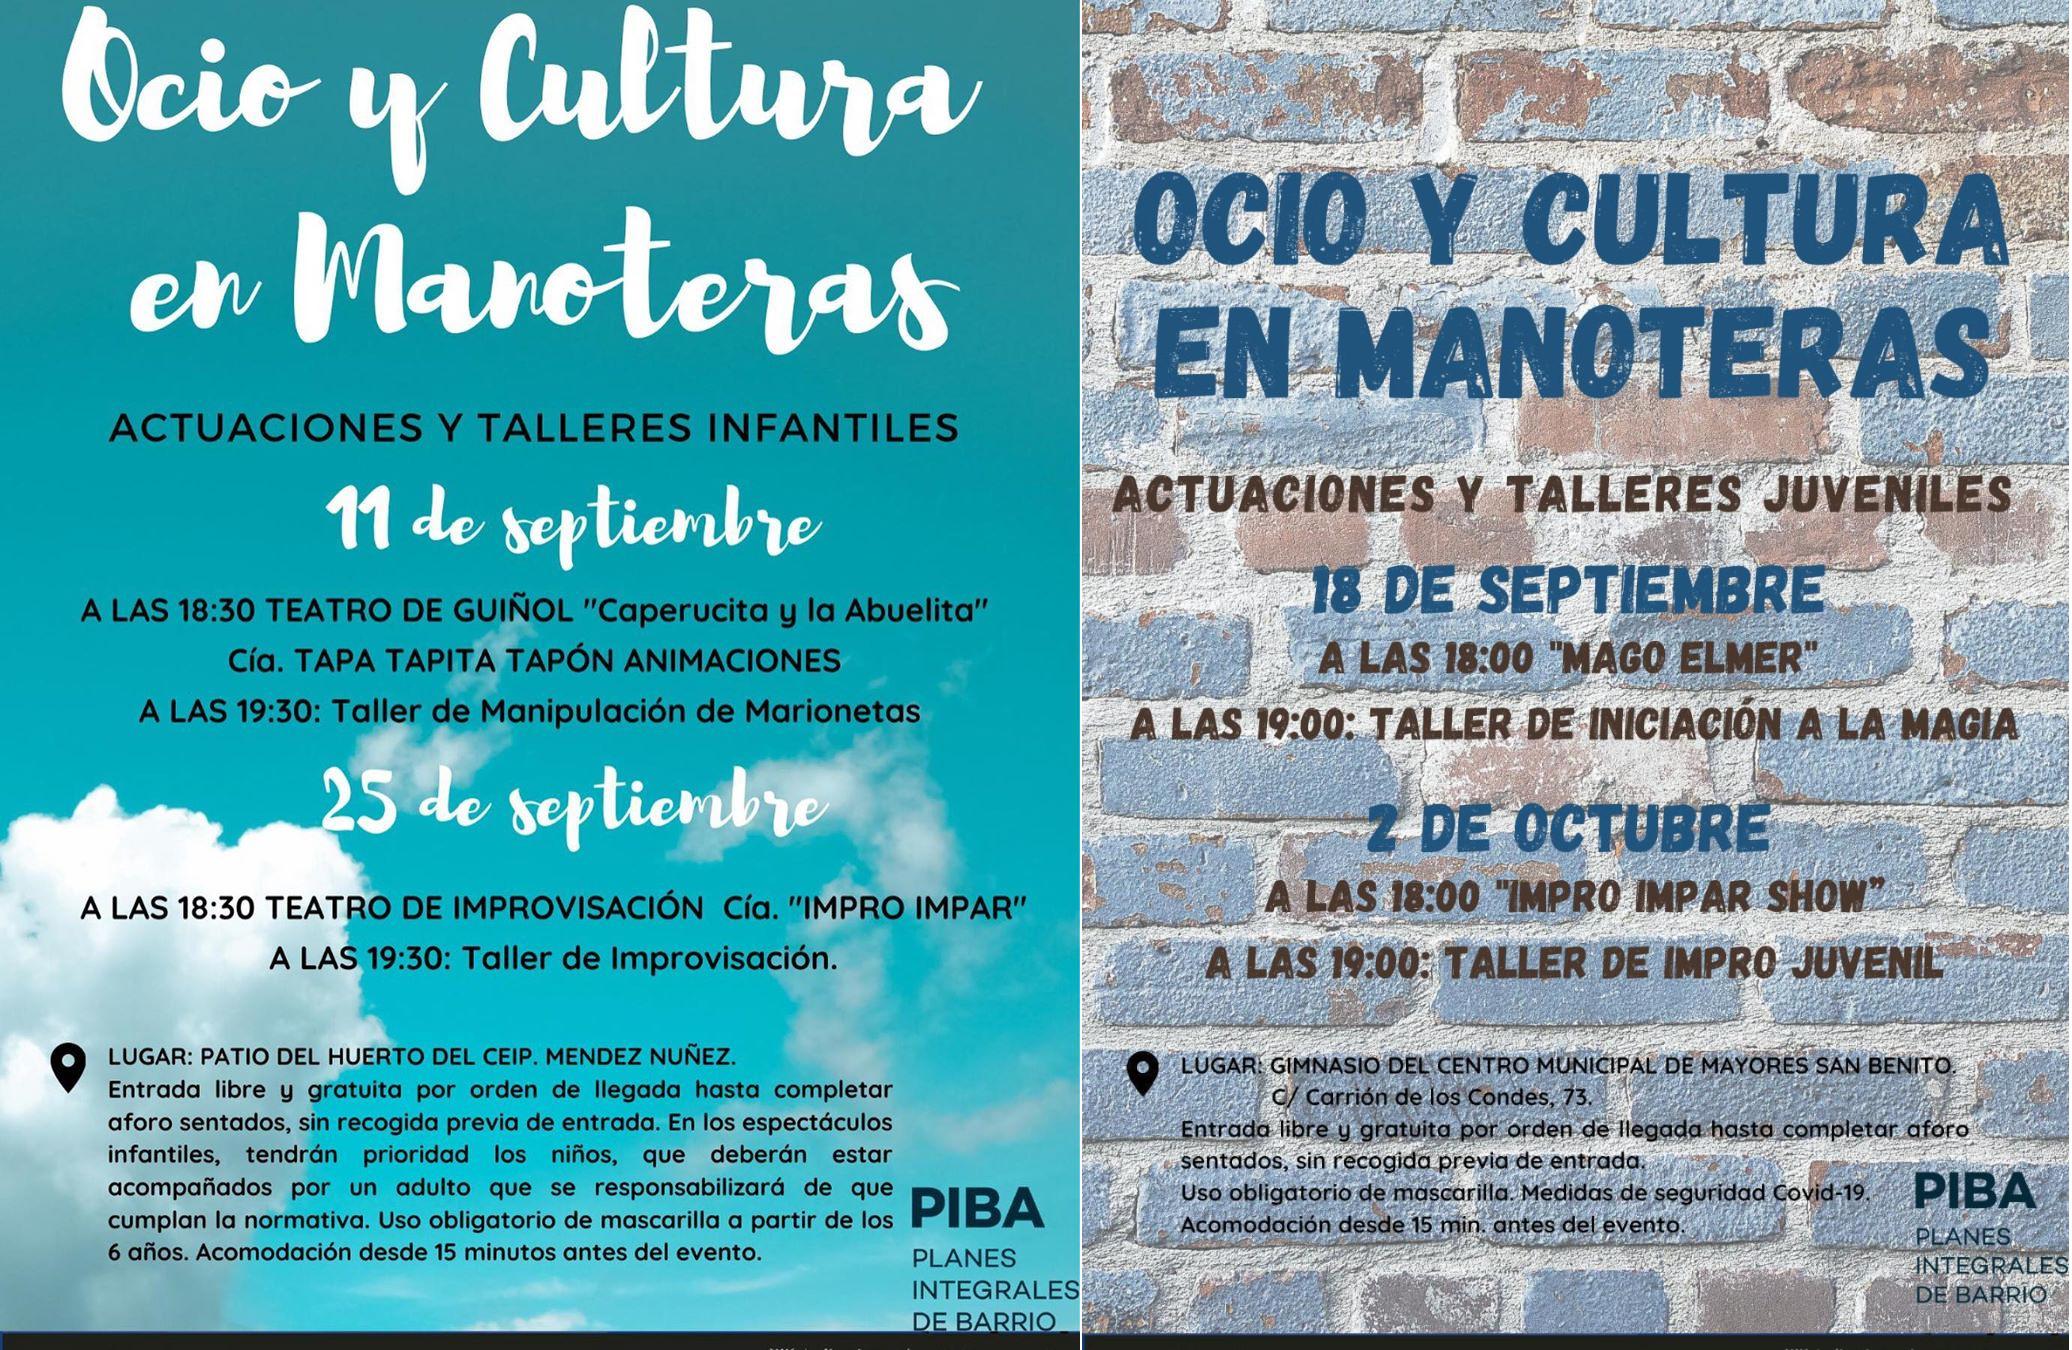 Funciones en Manoteras y talleres de impro infantiles y juveniles los viernes 25 de septiembre y 2 de octubre